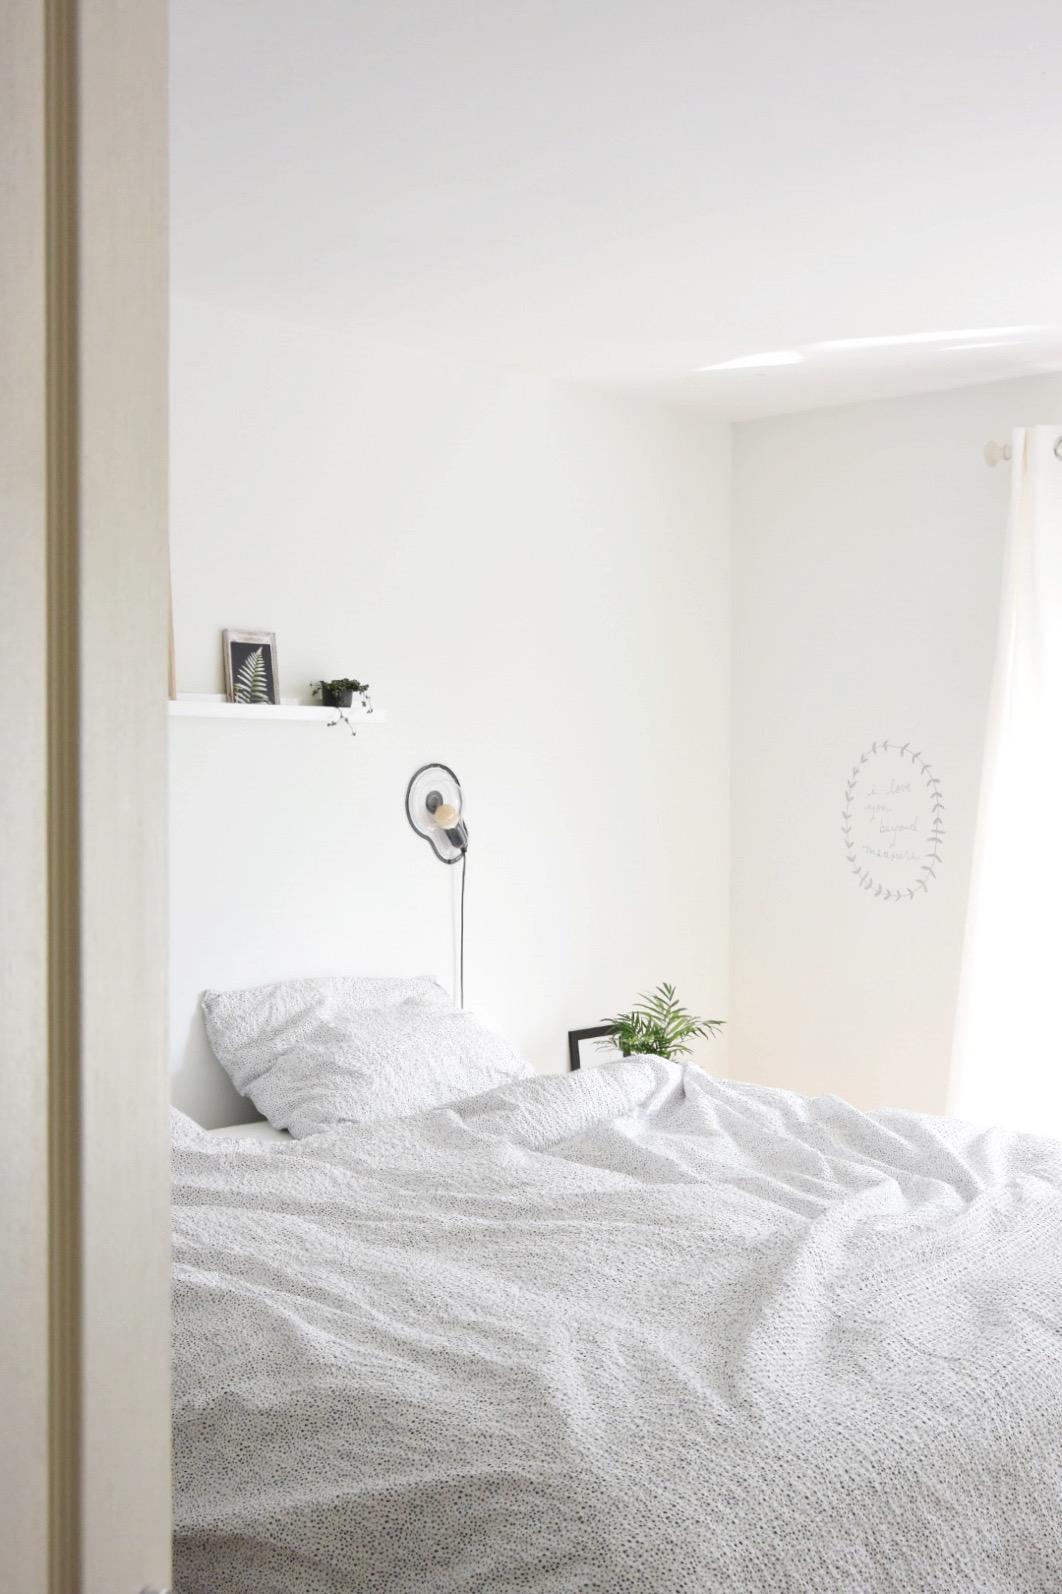 Zo maak ik mijn slaapkamer lente-proof